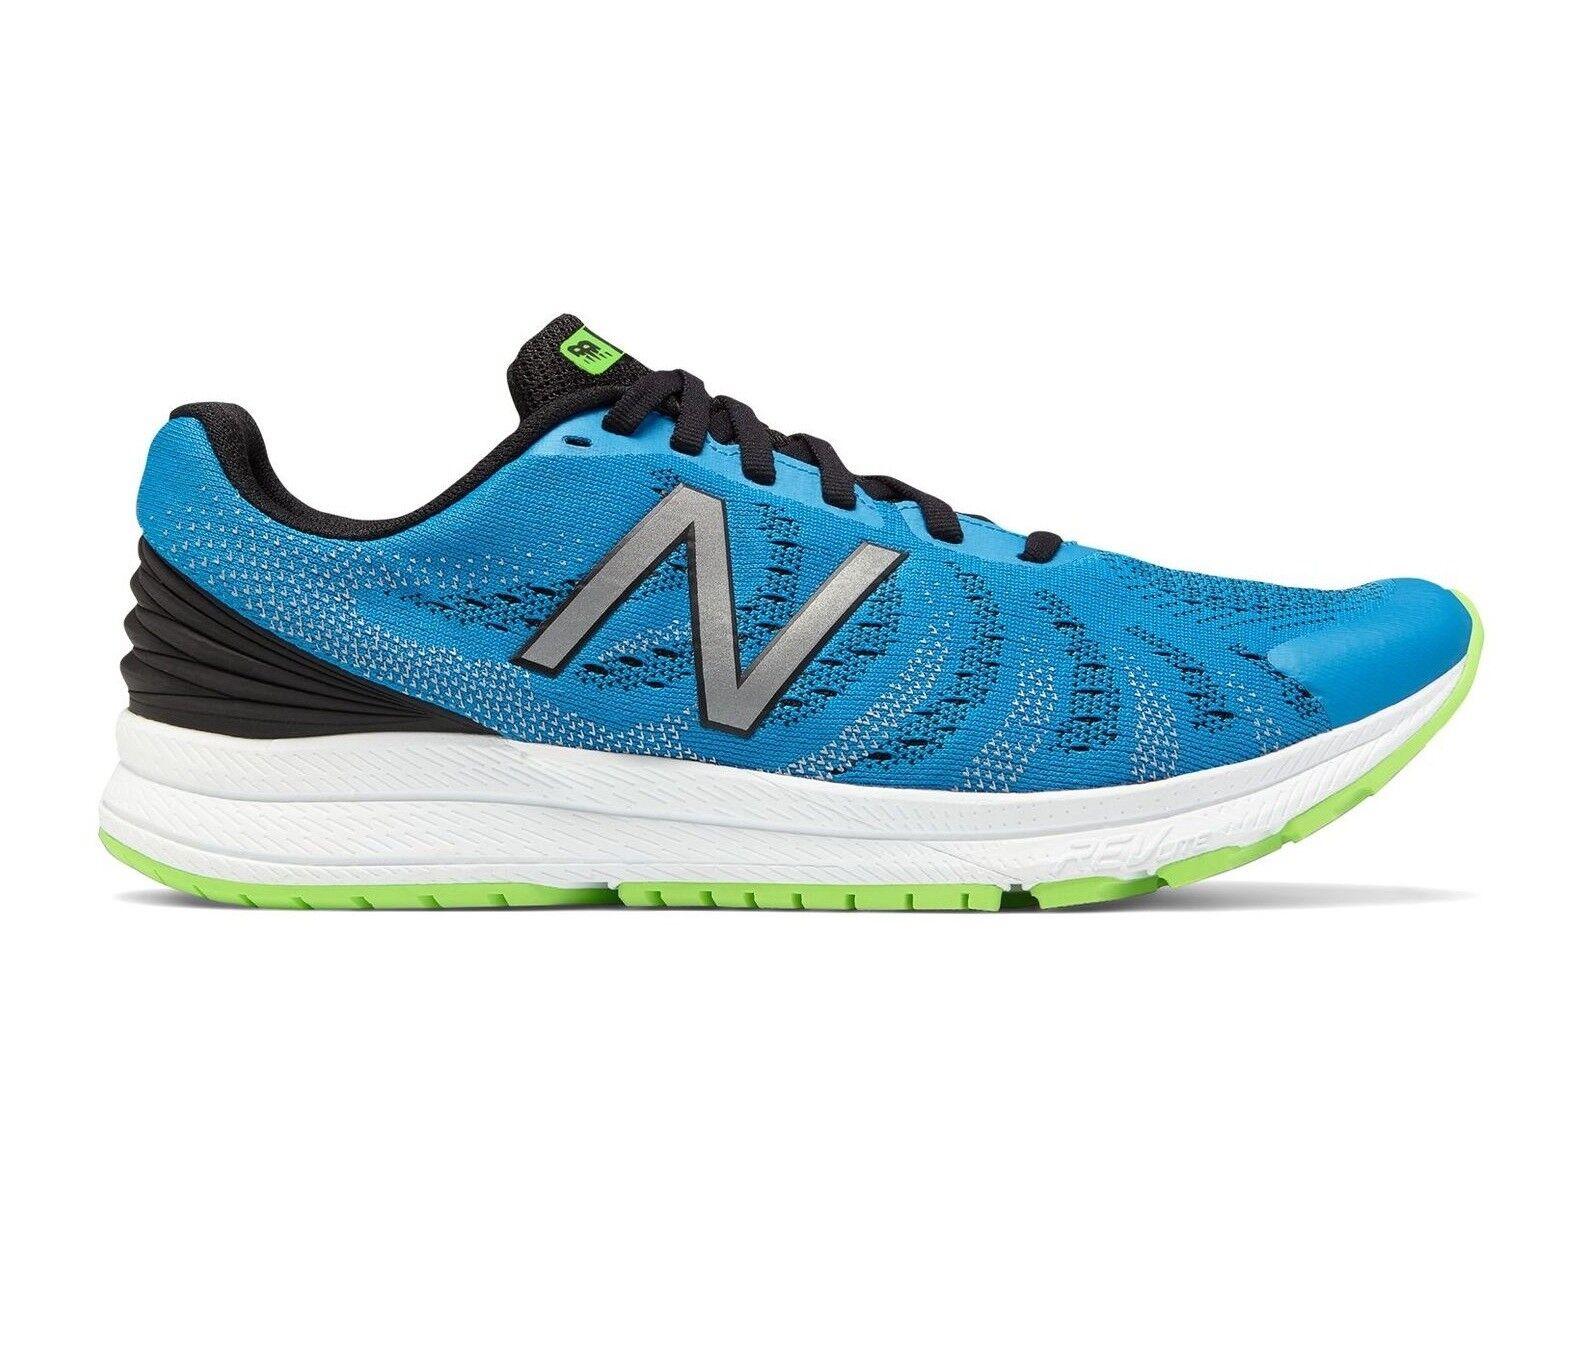 New Balance Fuel Core Rush Men's Size 9 Running shoes bluee White MRUSHBB3